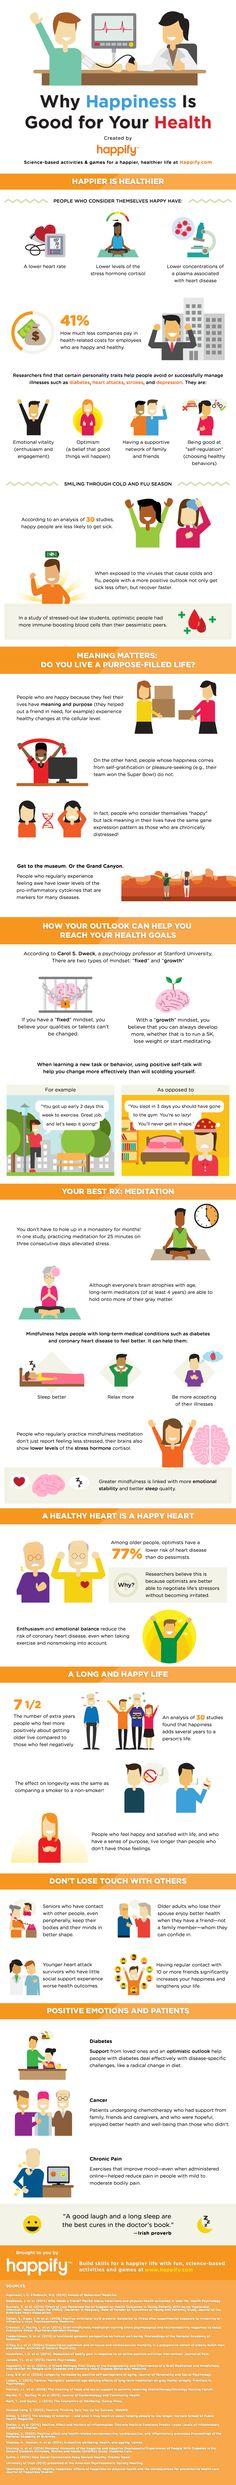 The Health Benefits Of Happiness #Infographic #infografica #FiberPasta #fitness #alimentazione #mangiaresano #nutrizione #alimentazionesana #dietasana #benessere #salute #dimagrimento #dieta #sport #diabete #colesterolo